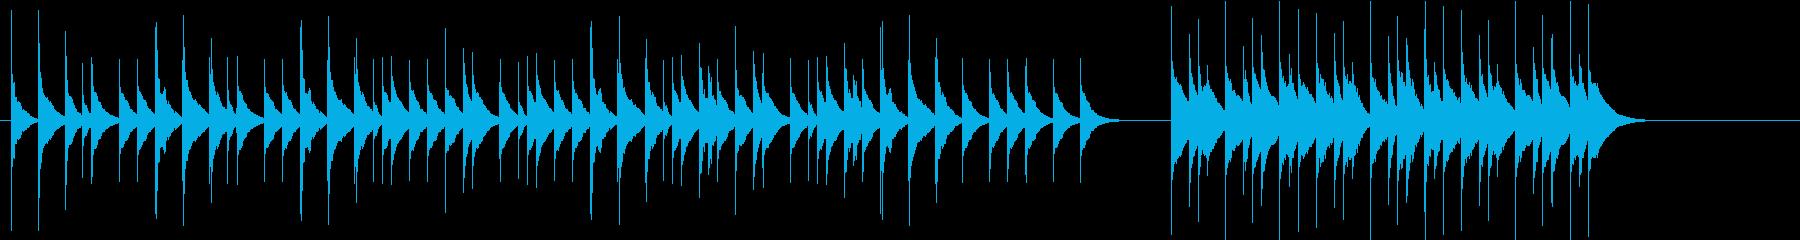 【木琴】動物やアートの短い映像向けの再生済みの波形